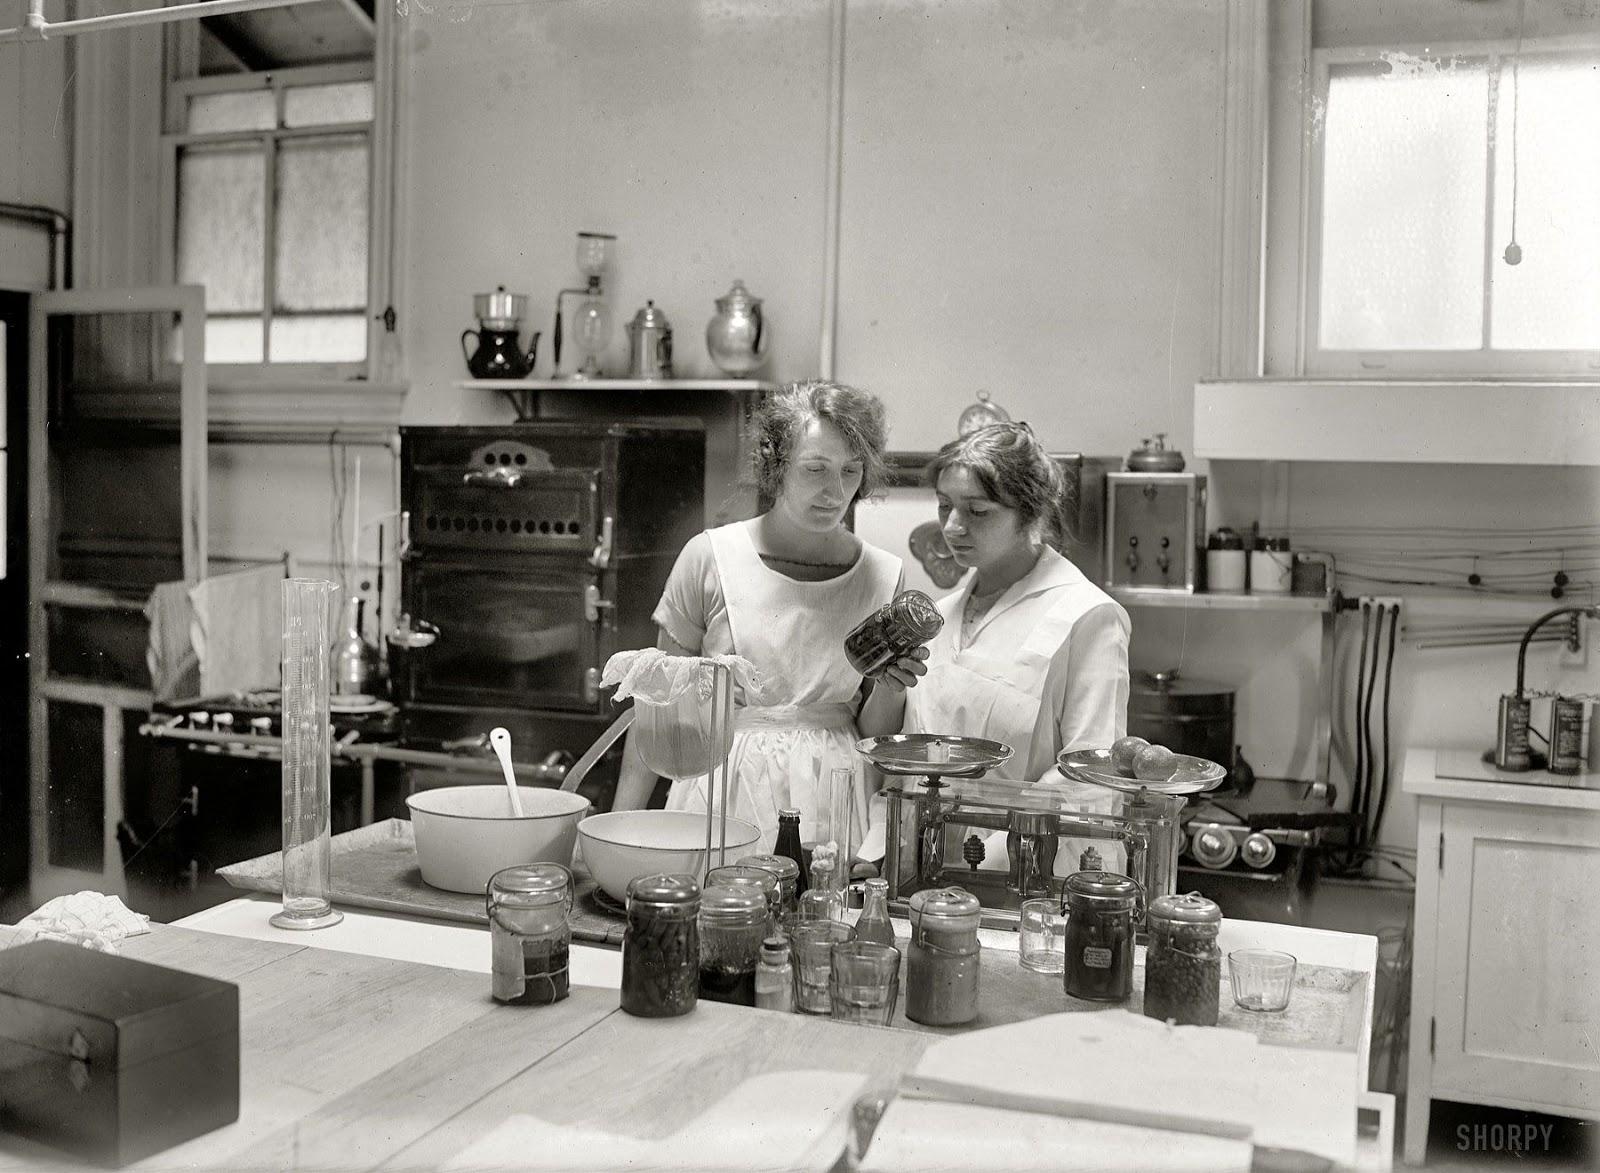 Laurelhurst Craftsman Bungalow Period Kitchen Photographs